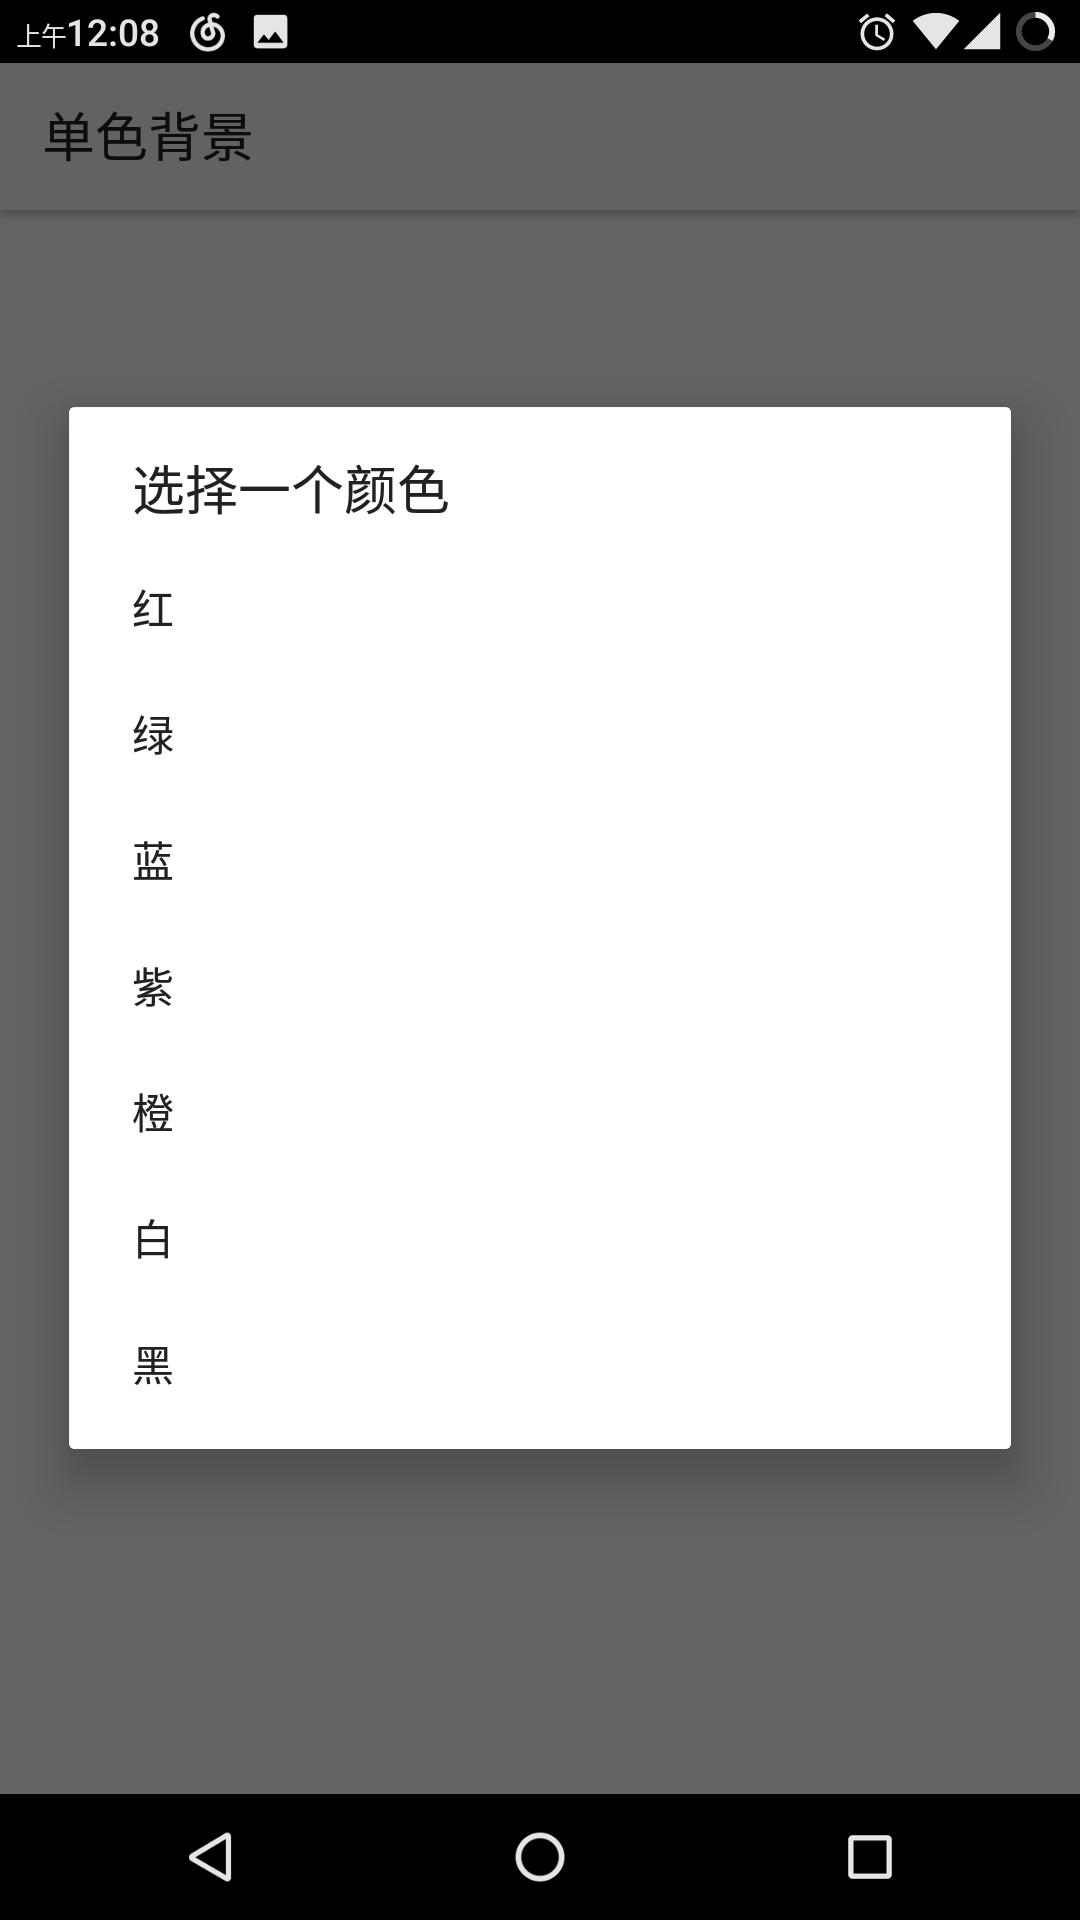 Nougat(安卓N)壁纸包